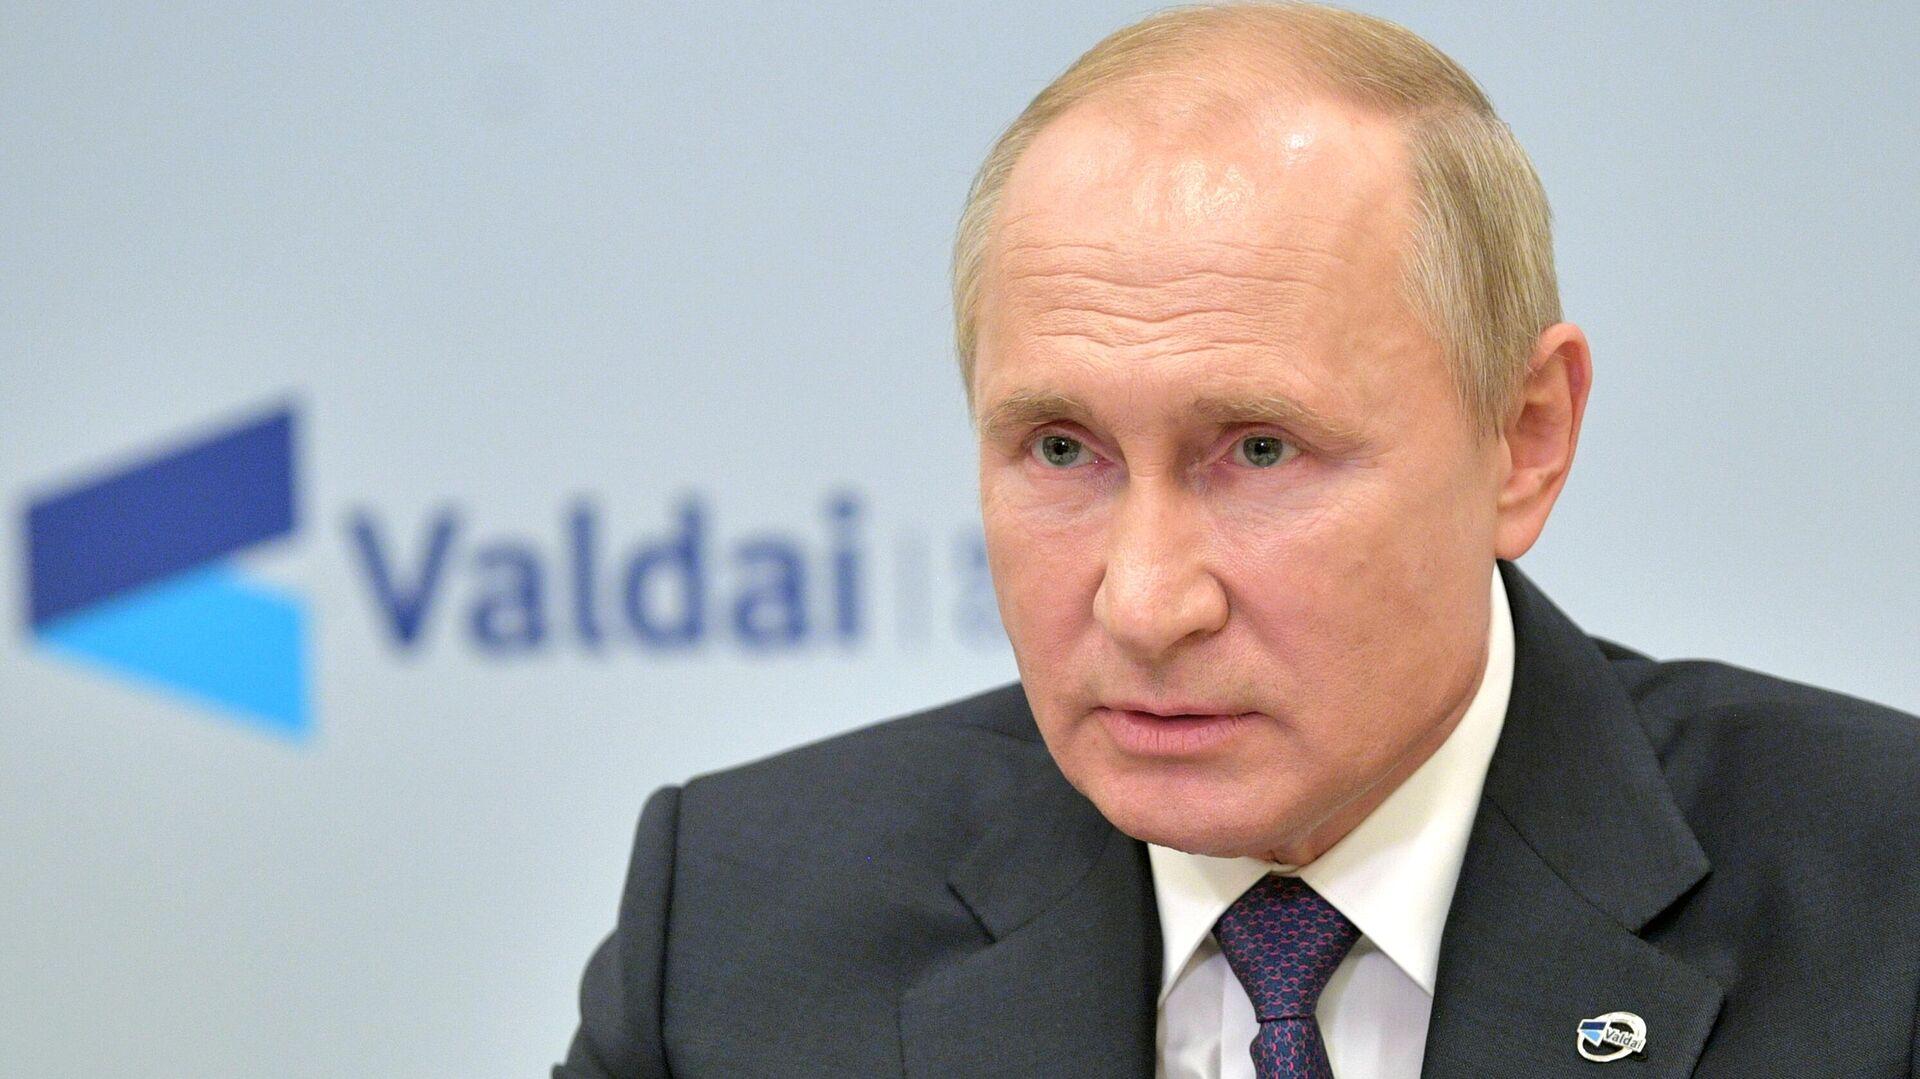 Путин: Давайте говорить по-честному друг с другом - РИА Новости, 1920, 22.10.2020